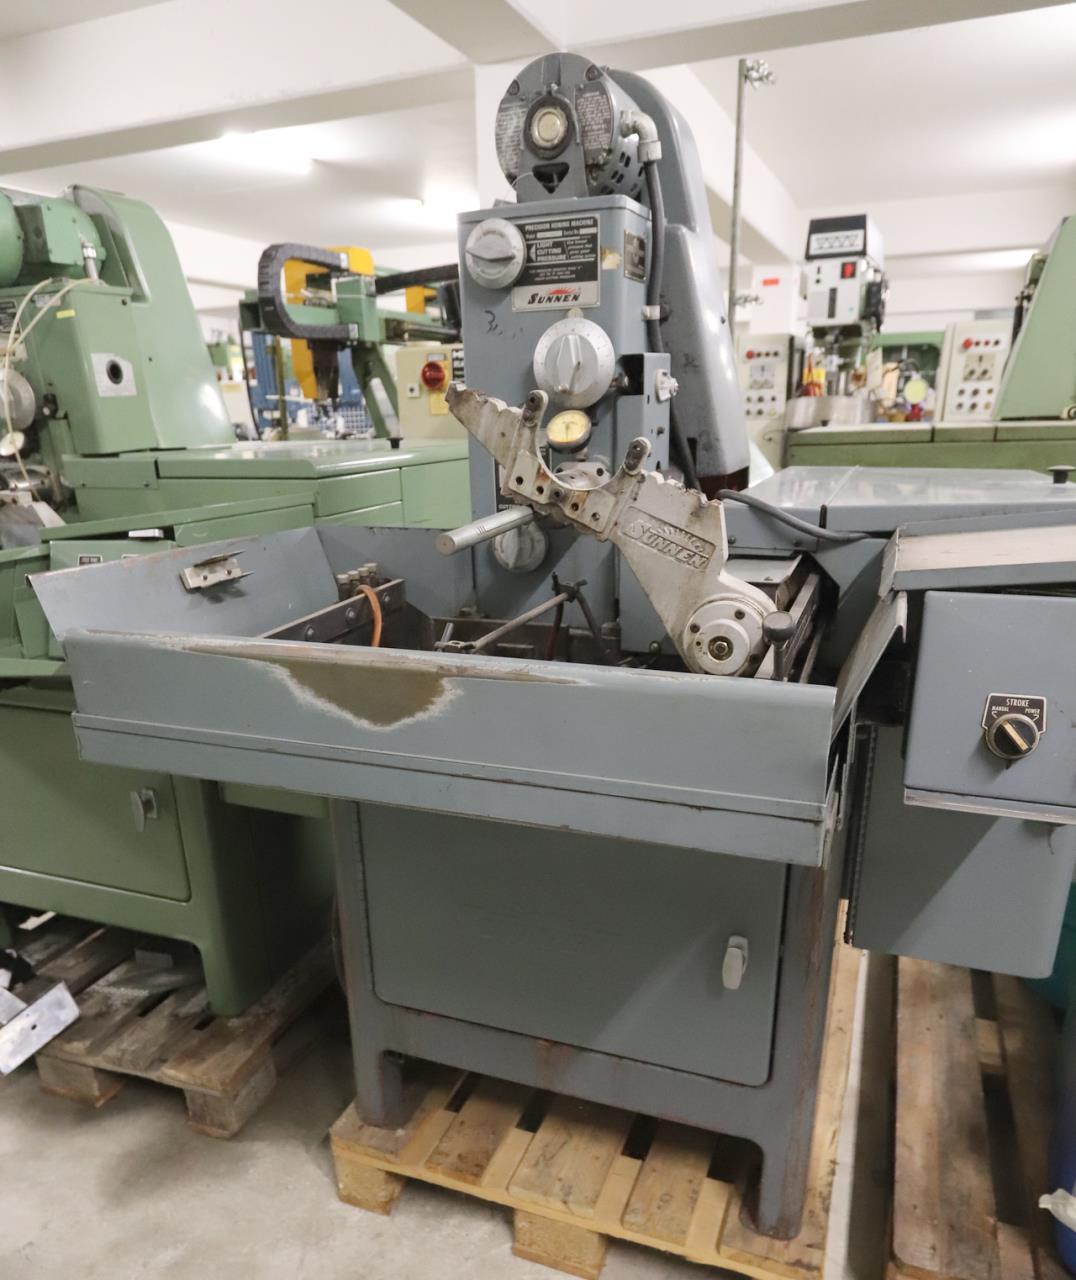 型号:SUNNEN MBB-1690 H珩磨机二手的瑞士进口中国的手续